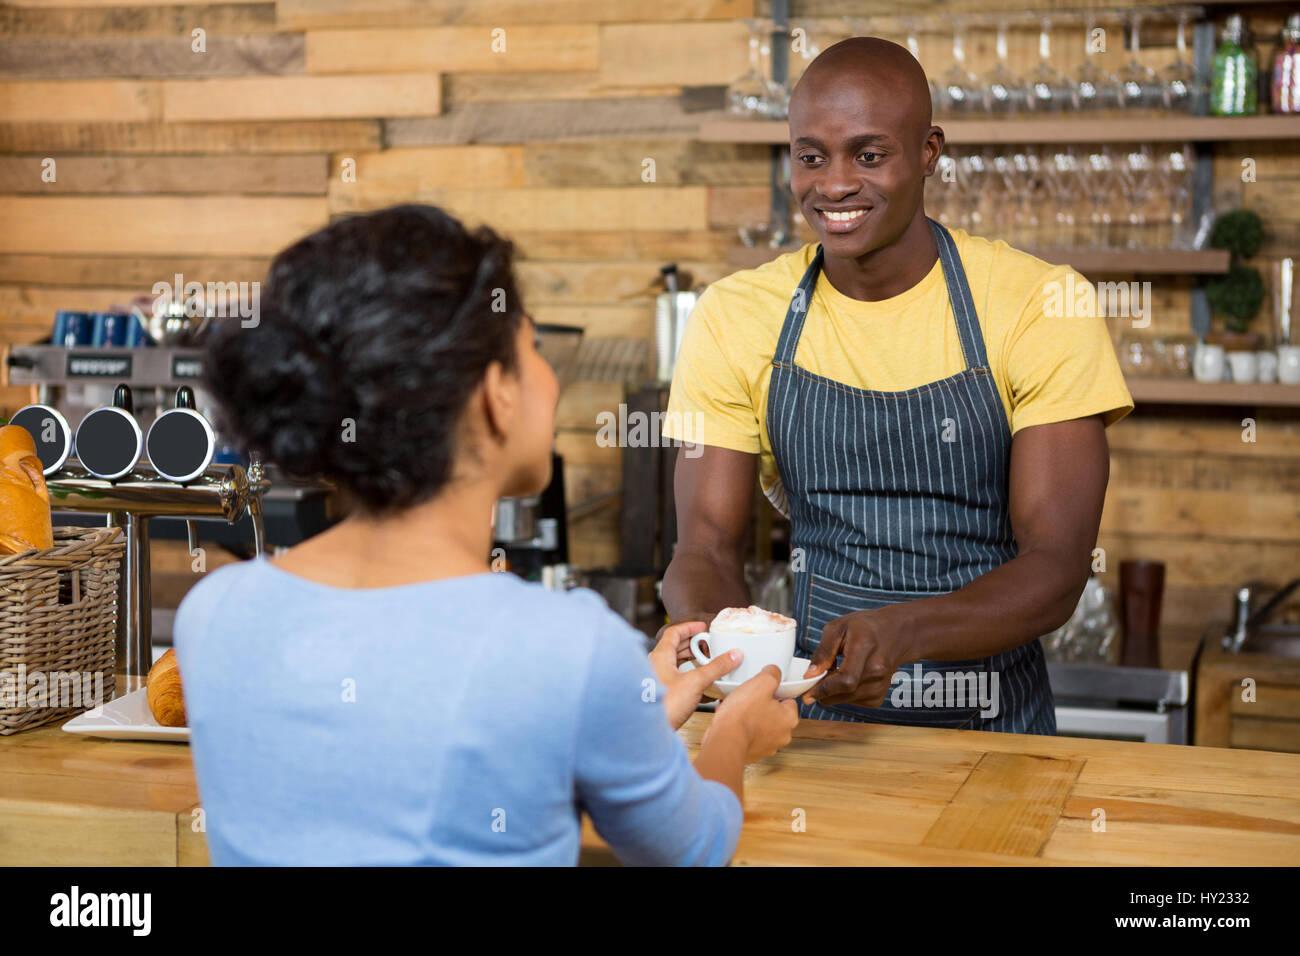 Heureux homme qui sert du café barista au client dans un café Photo Stock